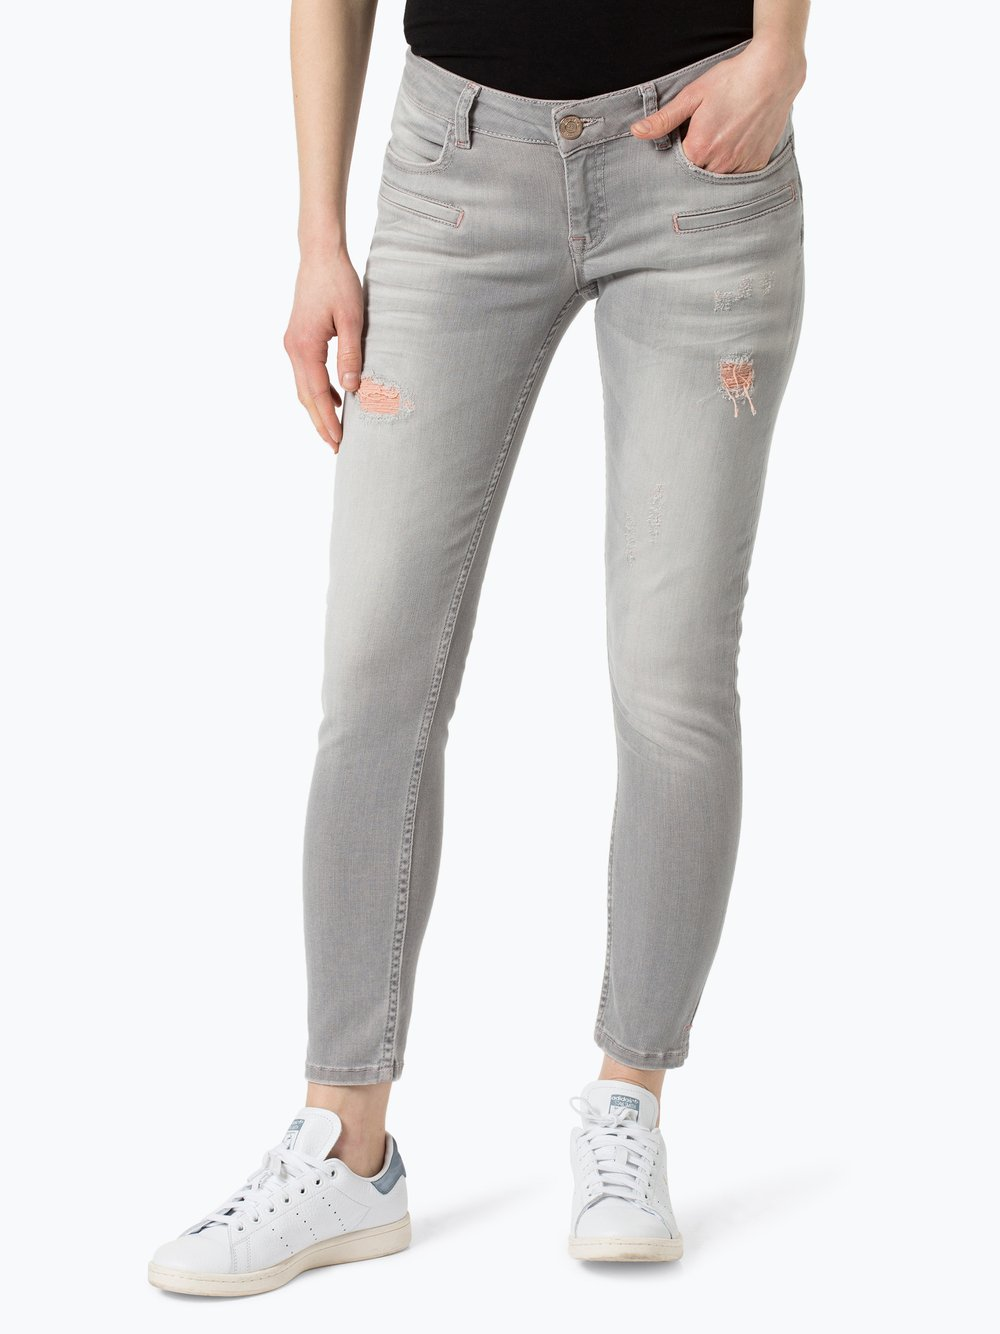 tolle Passform Offizieller Lieferant erstaunliche Qualität Blue Fire Damen Jeans - Alicia online kaufen | PEEK-UND ...